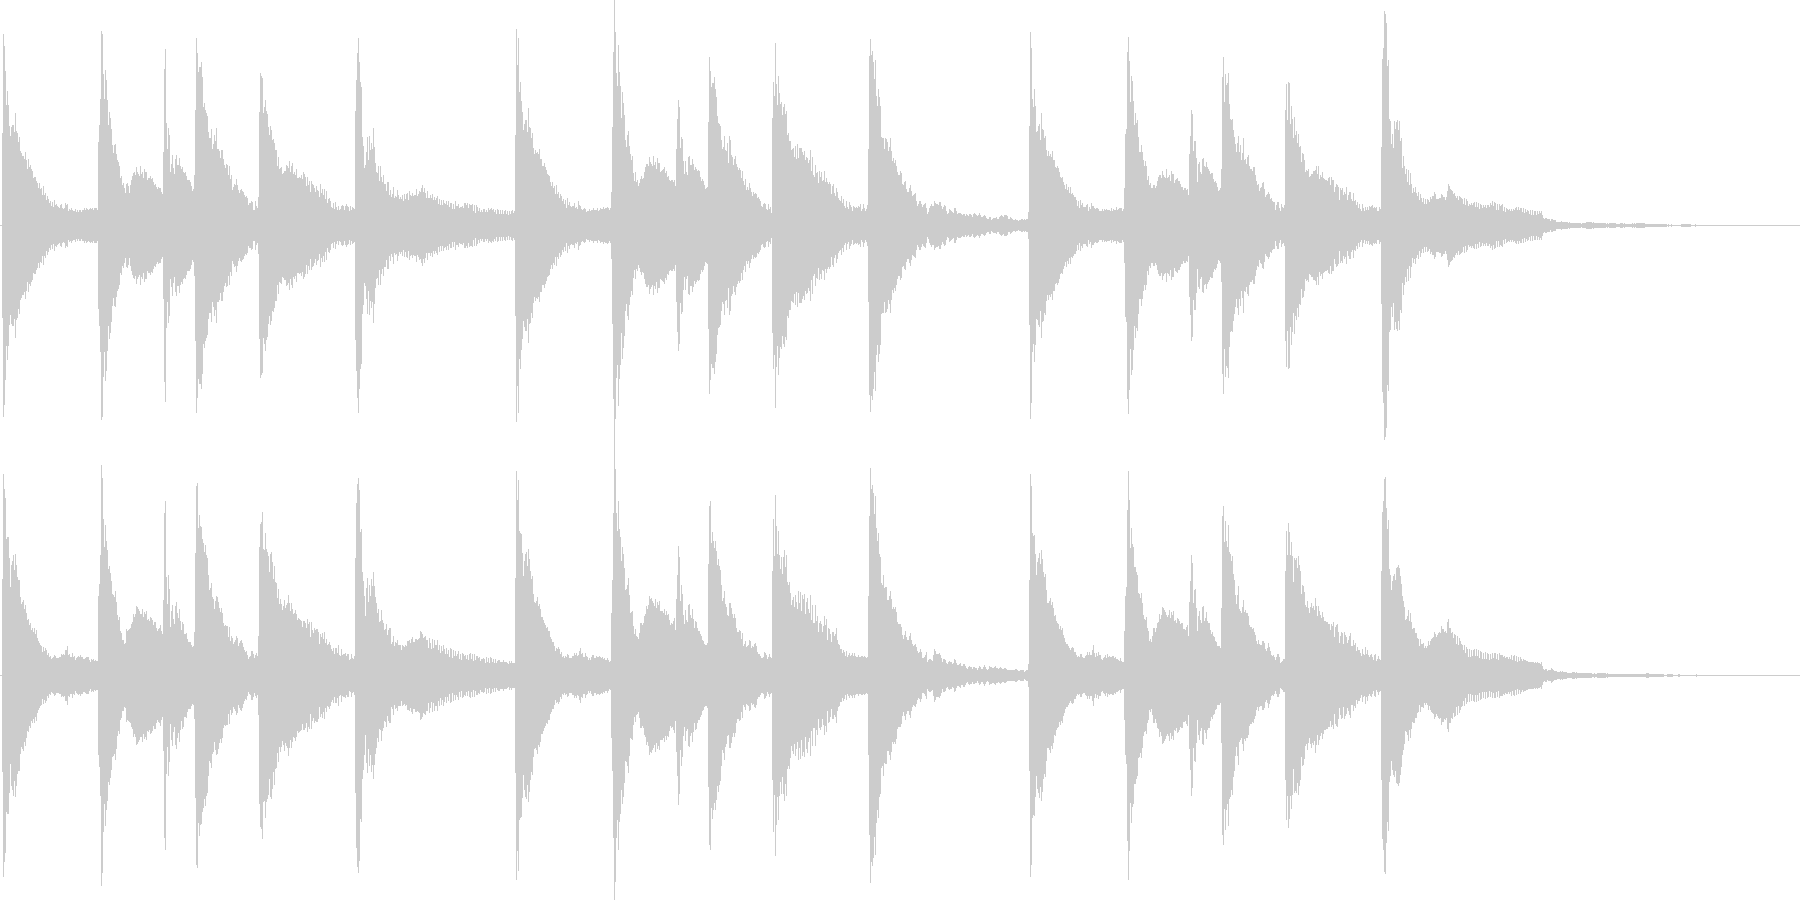 静かな雰囲気のピアノアンビエントの未再生の波形